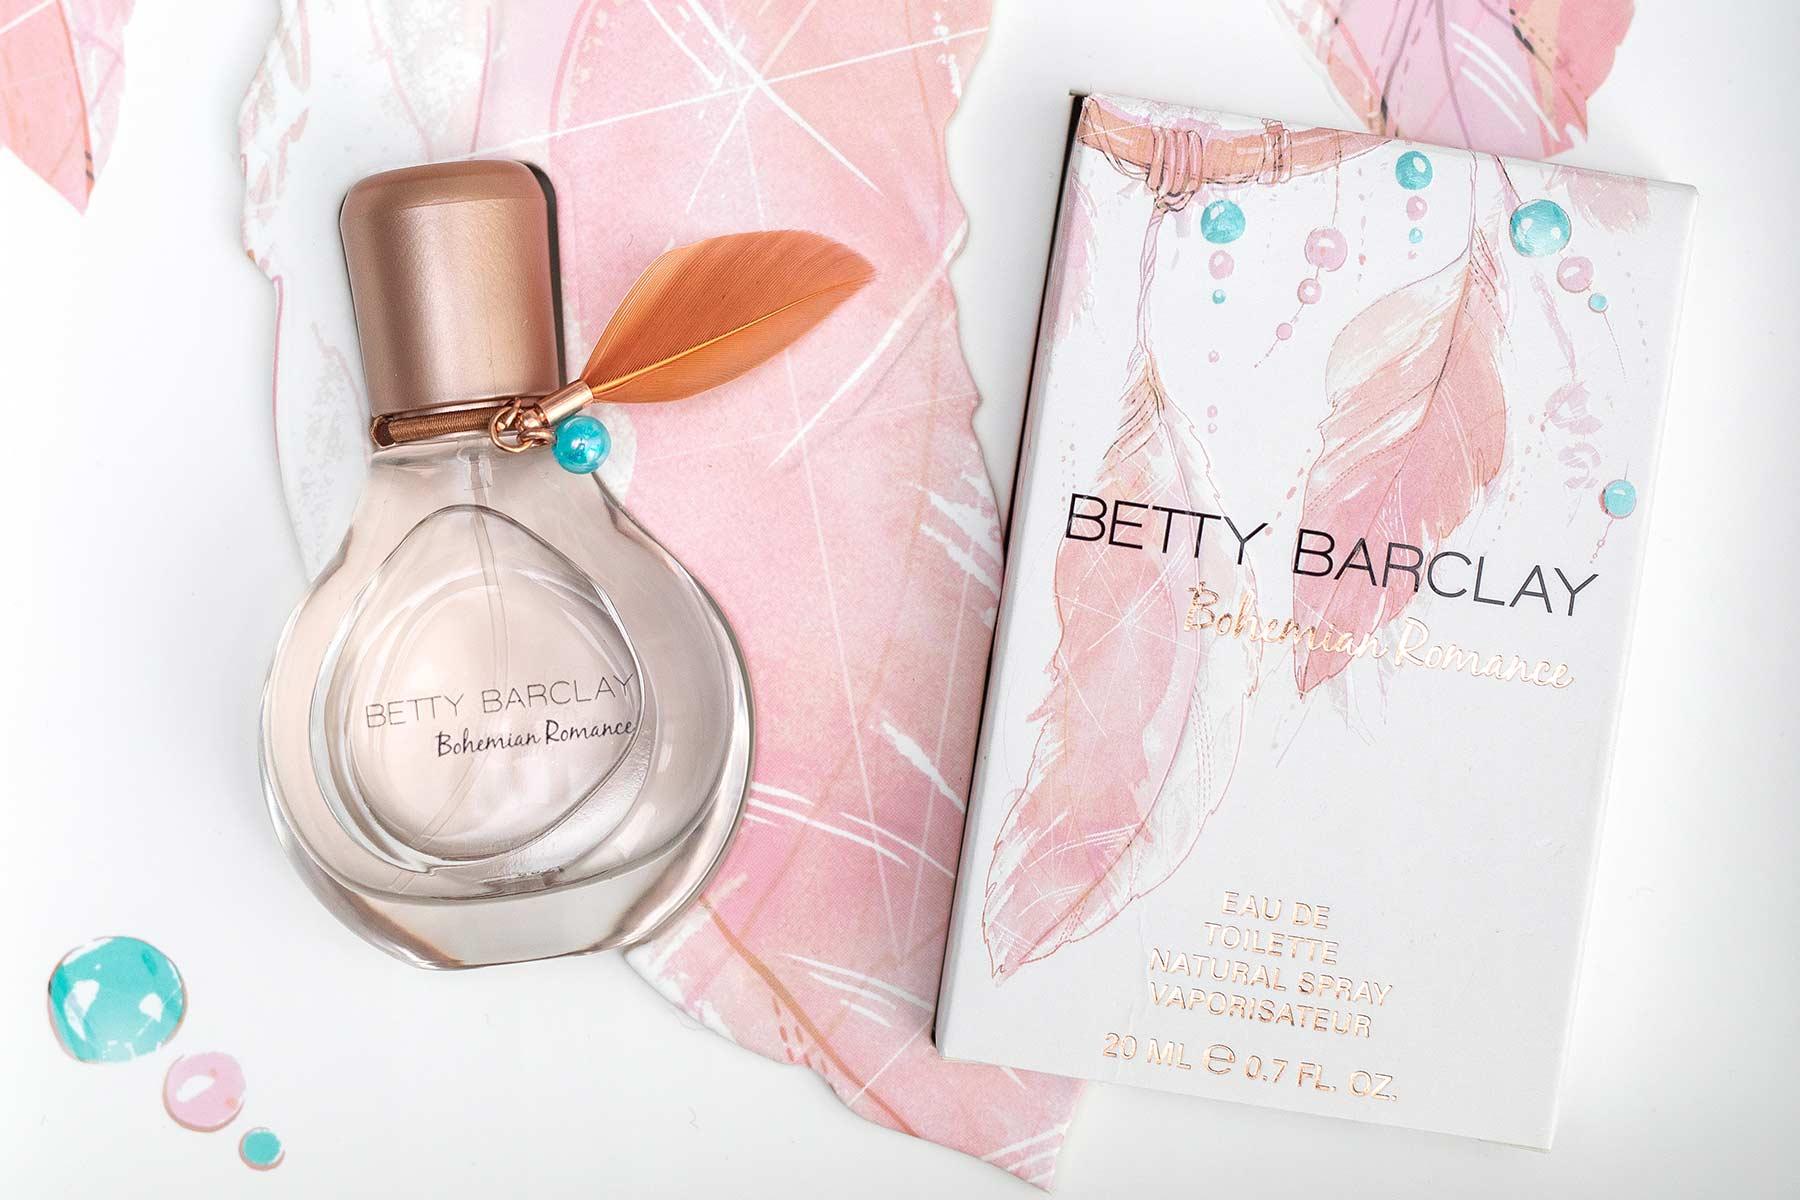 Bohemian Romance – Der neue Duft für die Boho-Braut von Betty Barclay